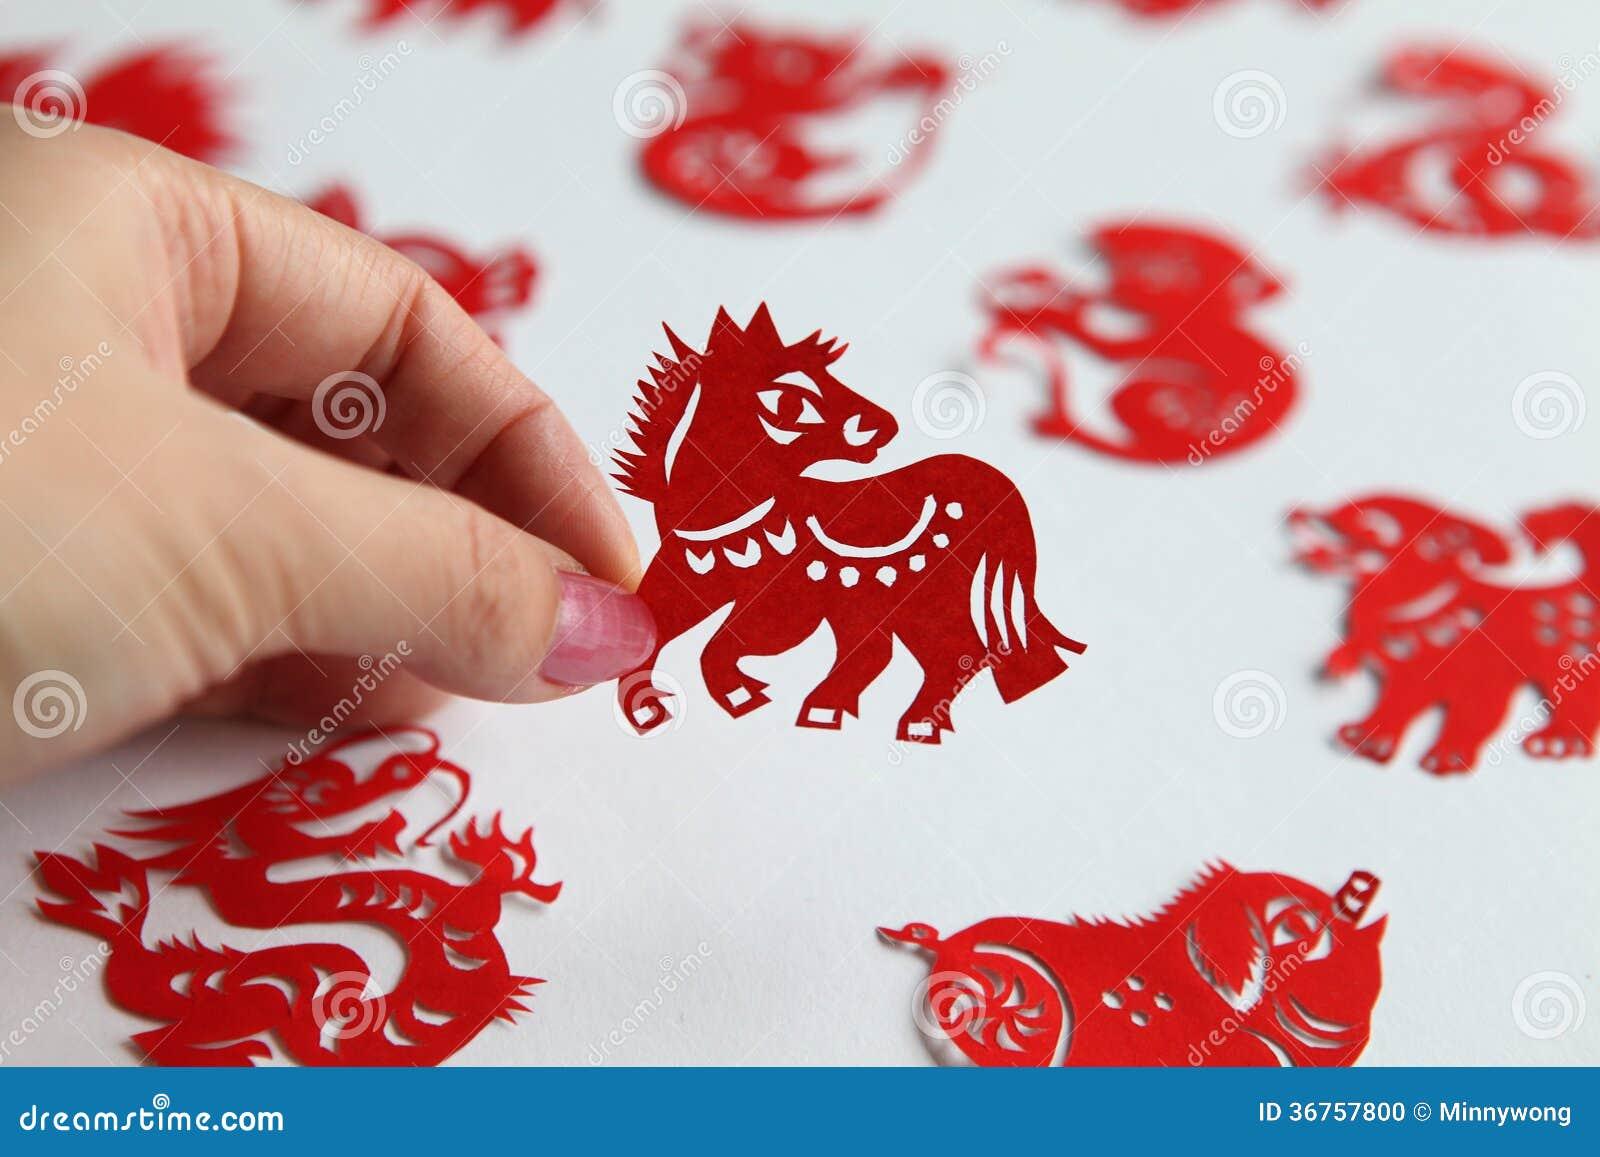 Chinese Zodiac Papercutting Year Of Horse Stock Photo